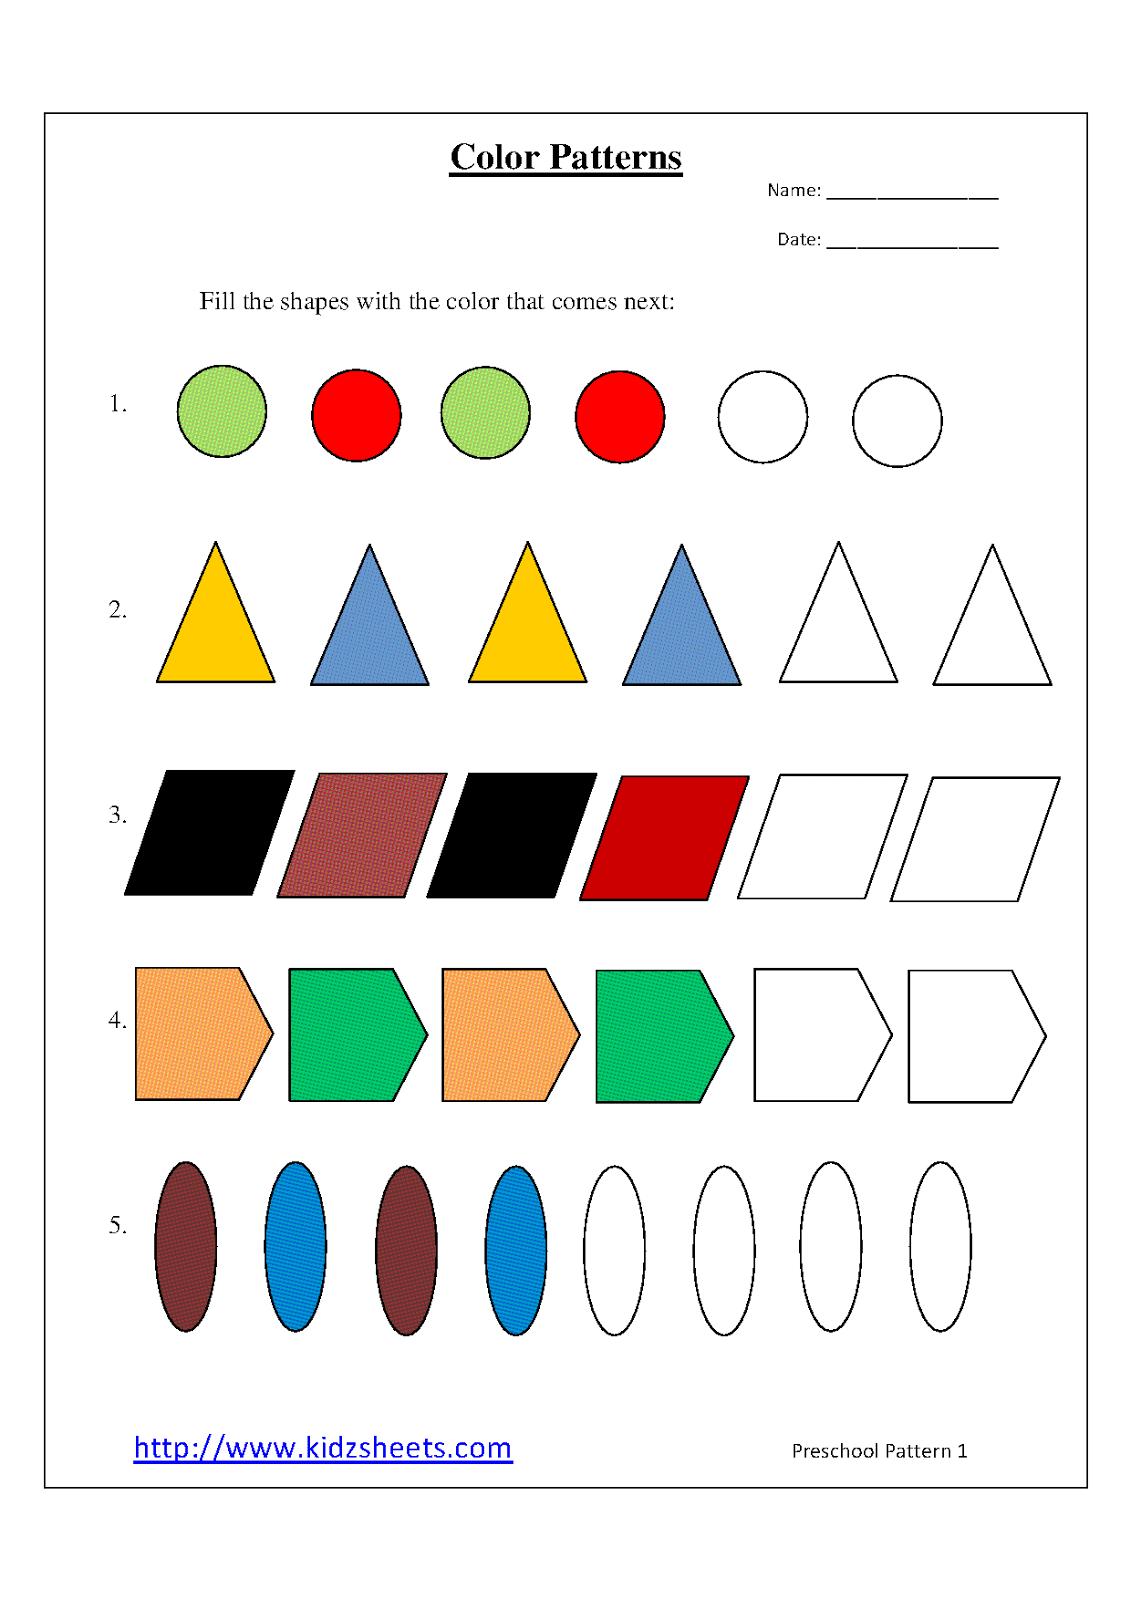 8 Best Images Of Patterns Free Printable Preschool